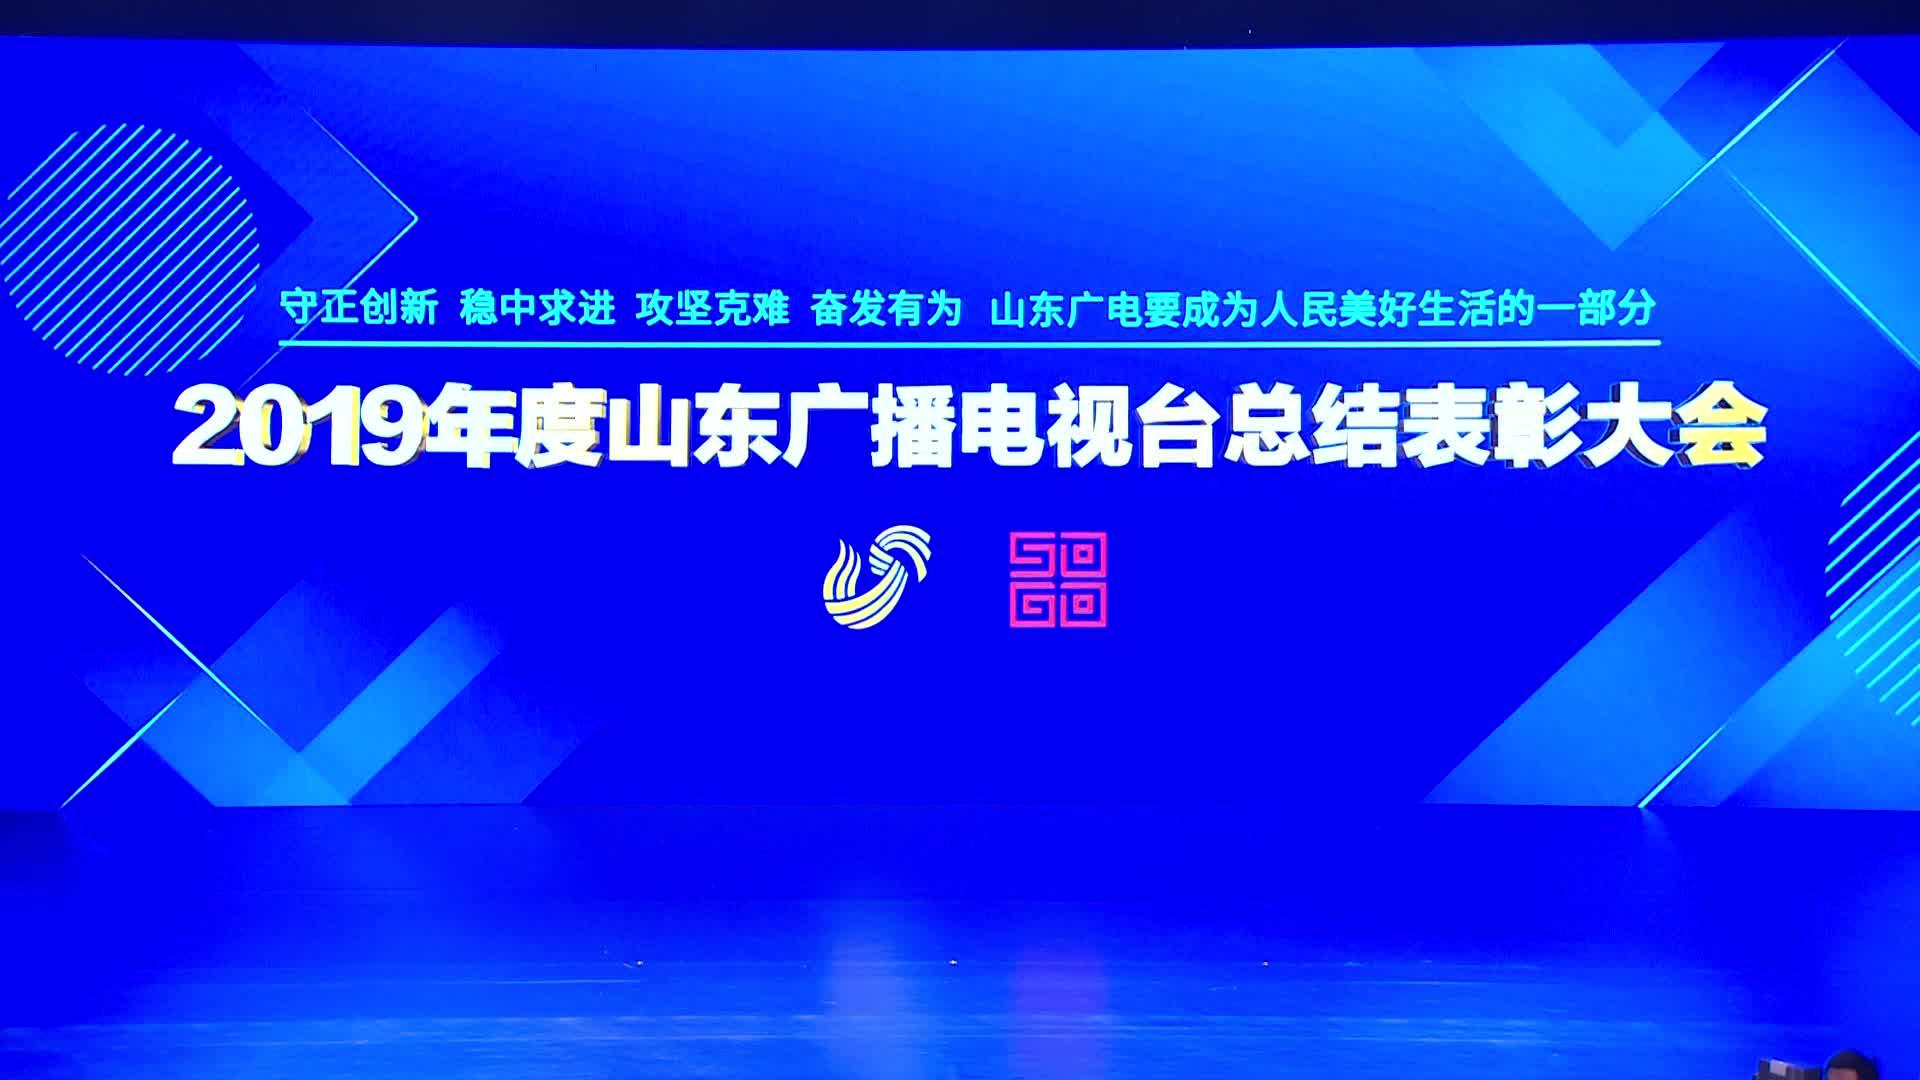 2019年度山东广播电视台总结表彰大会